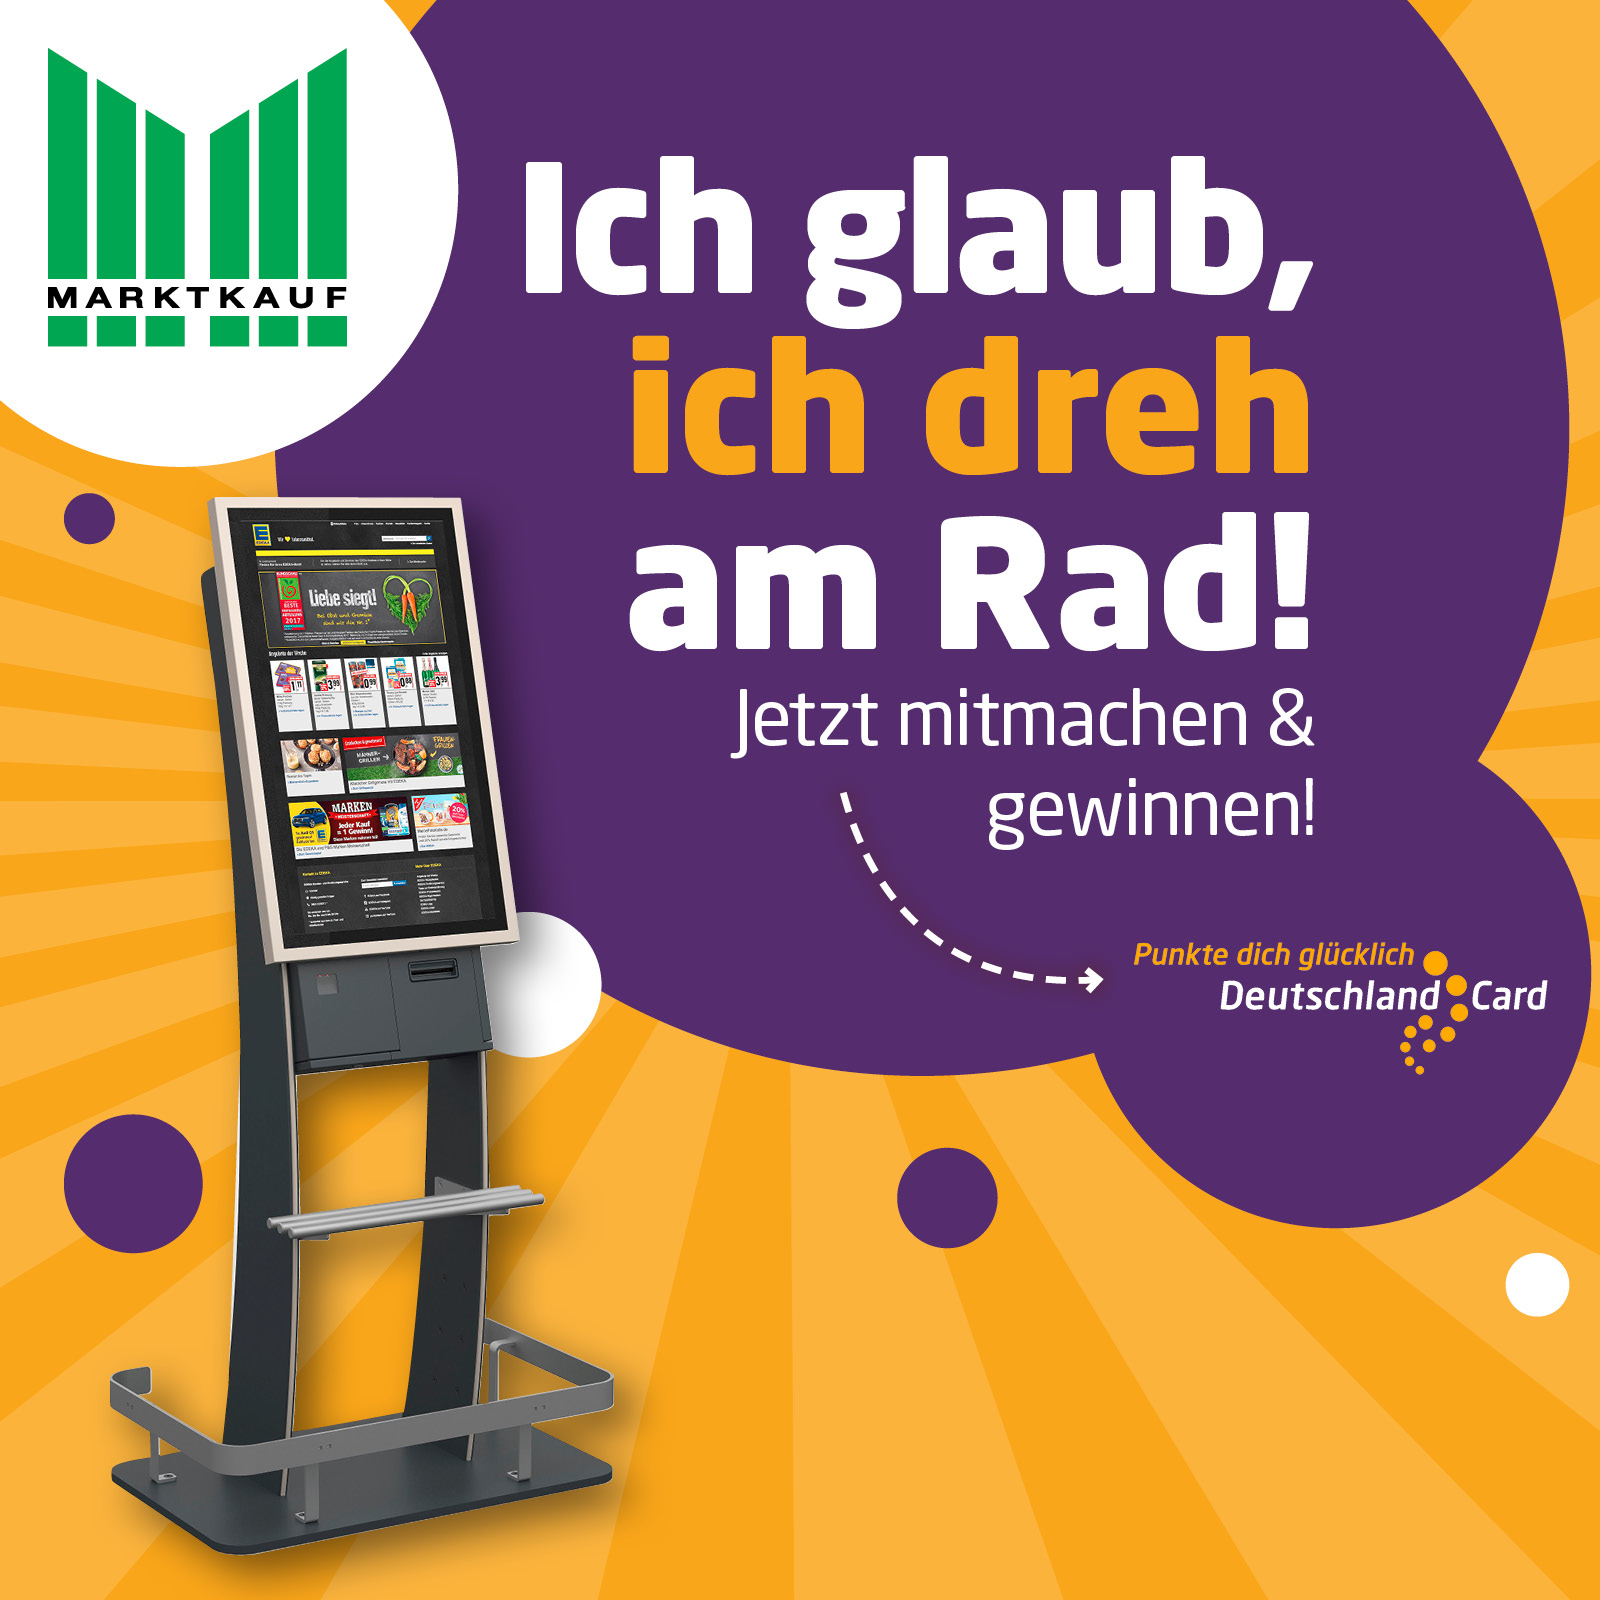 DeutschlandCard Glücksrad in deinem Markt